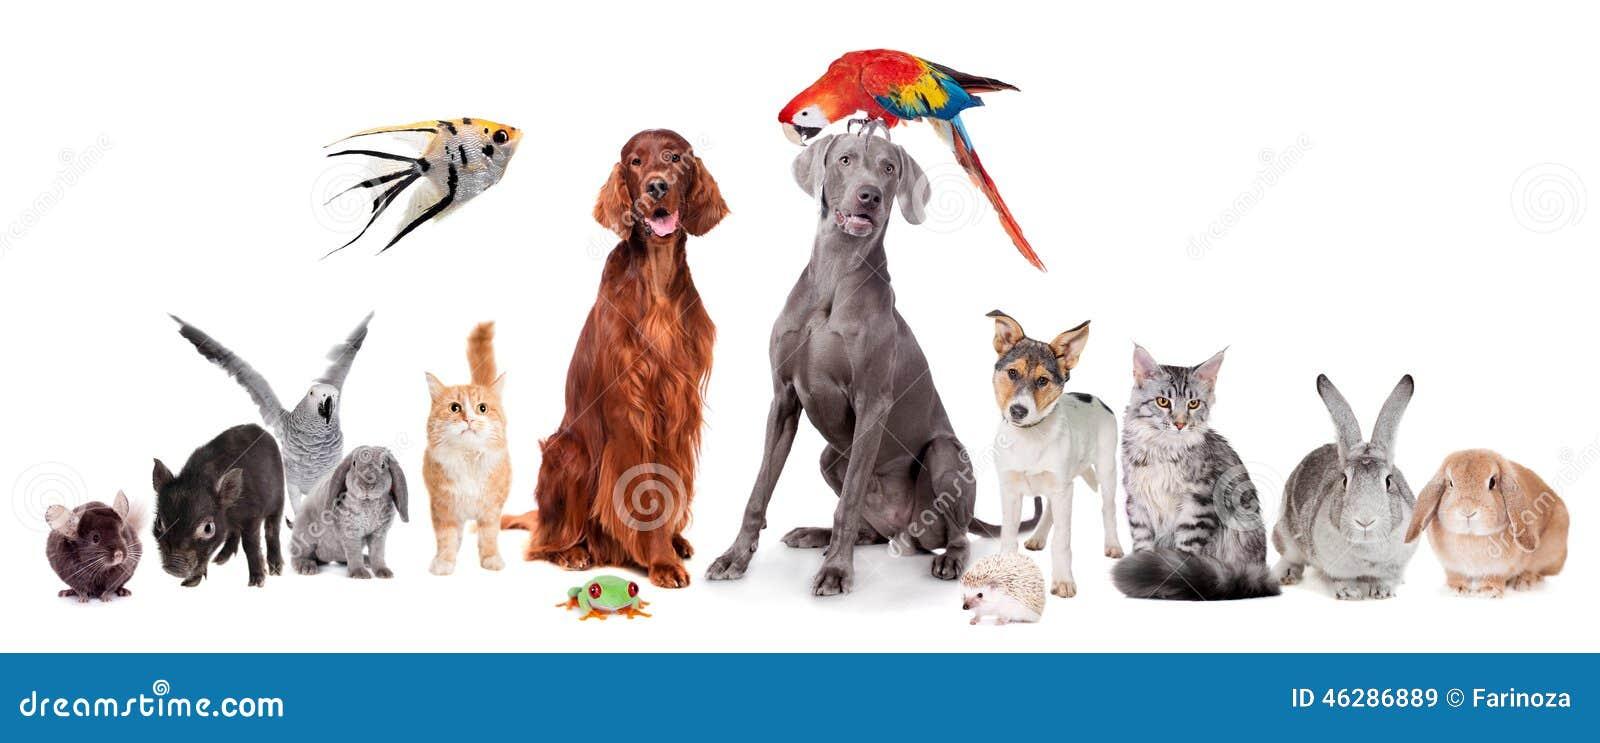 Grupp av husdjur på vit